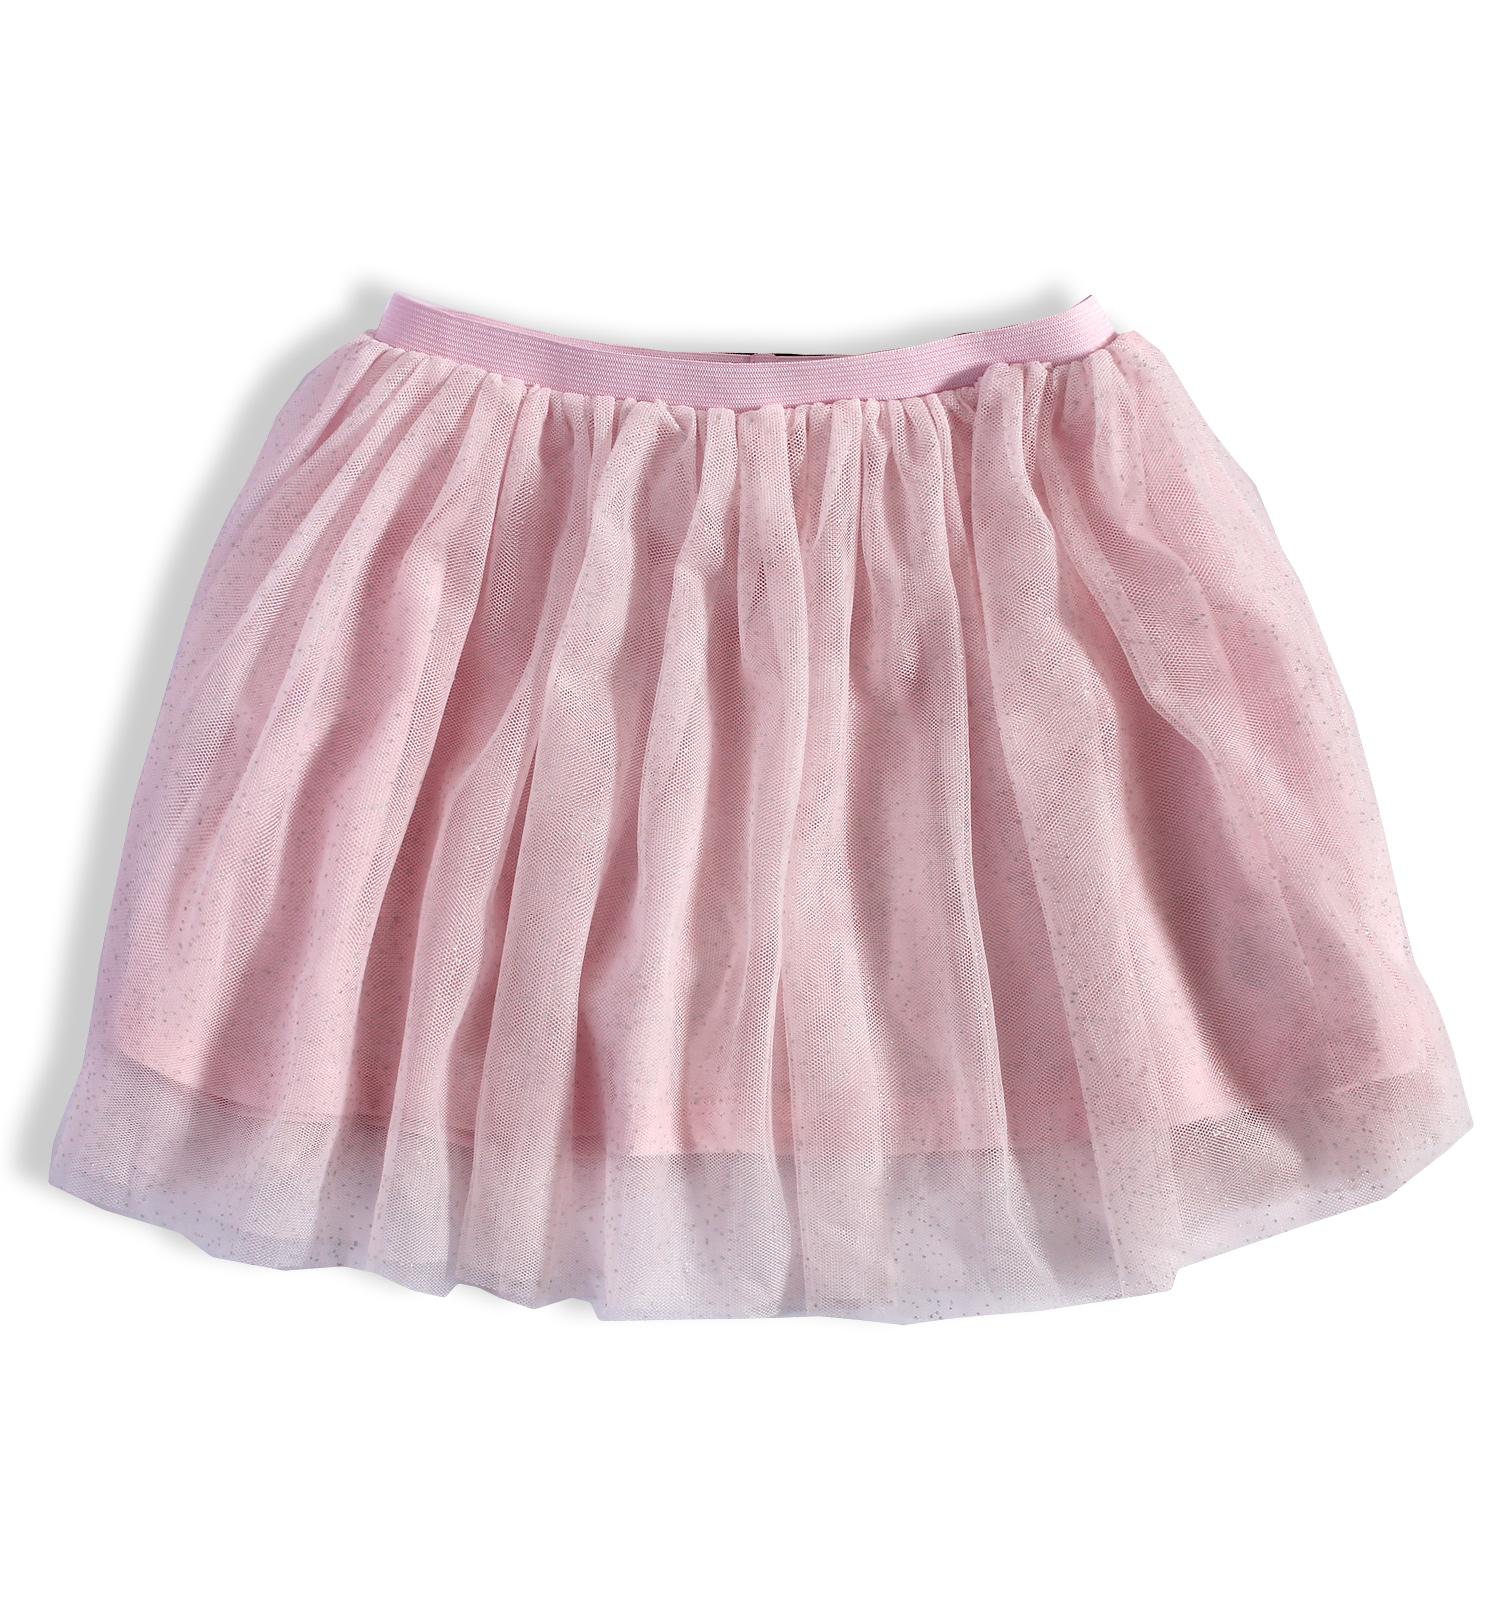 Dívčí tutu sukně MINOTI BERRY růžová Velikost: 98-104